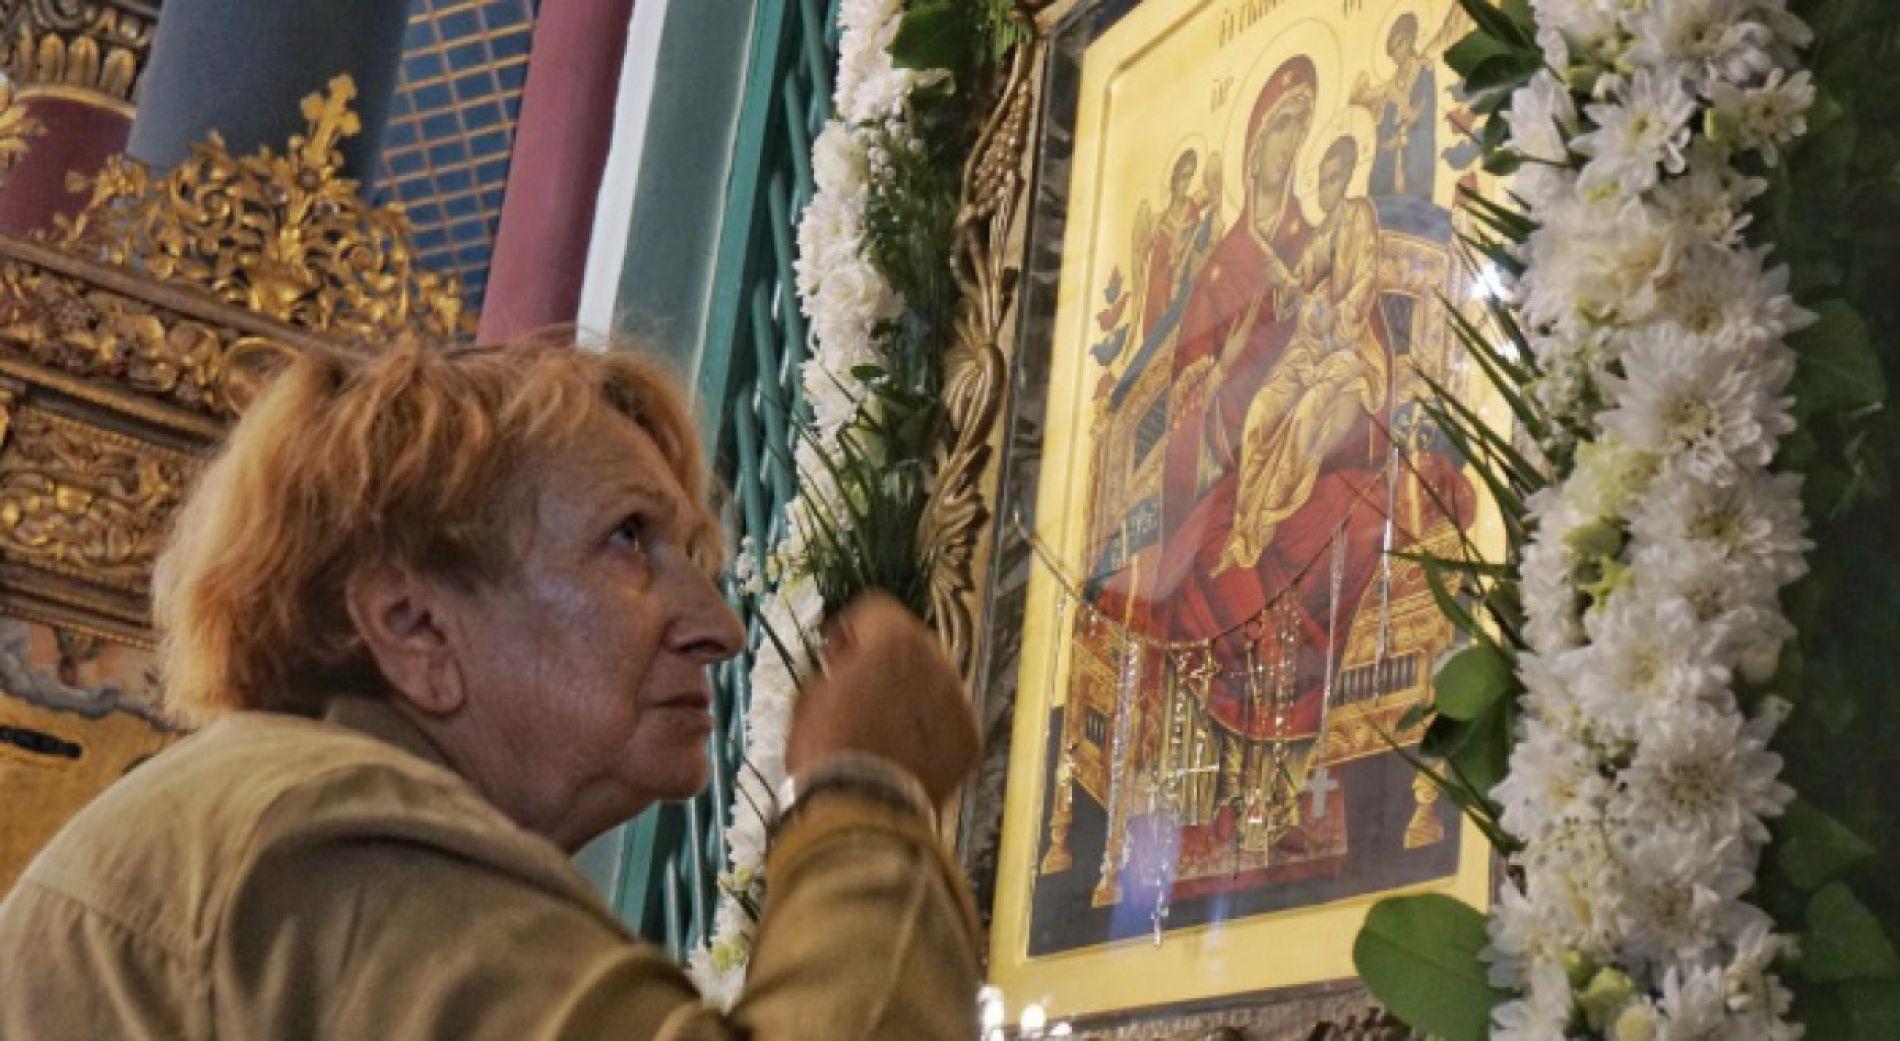 Варненци се поклониха на иконата, която смятат за чудотворна